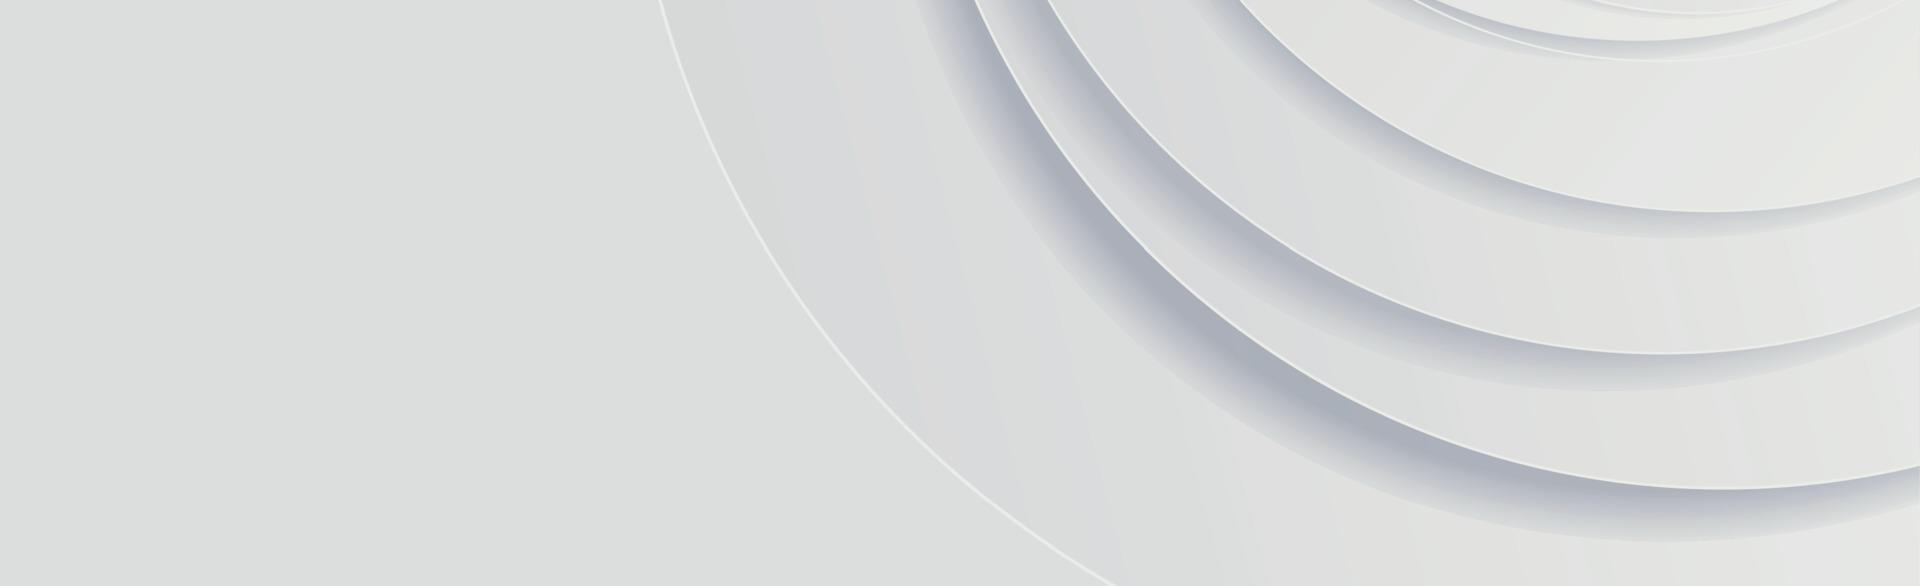 vit vektor panorama bakgrund med cirklar och skugglinjer